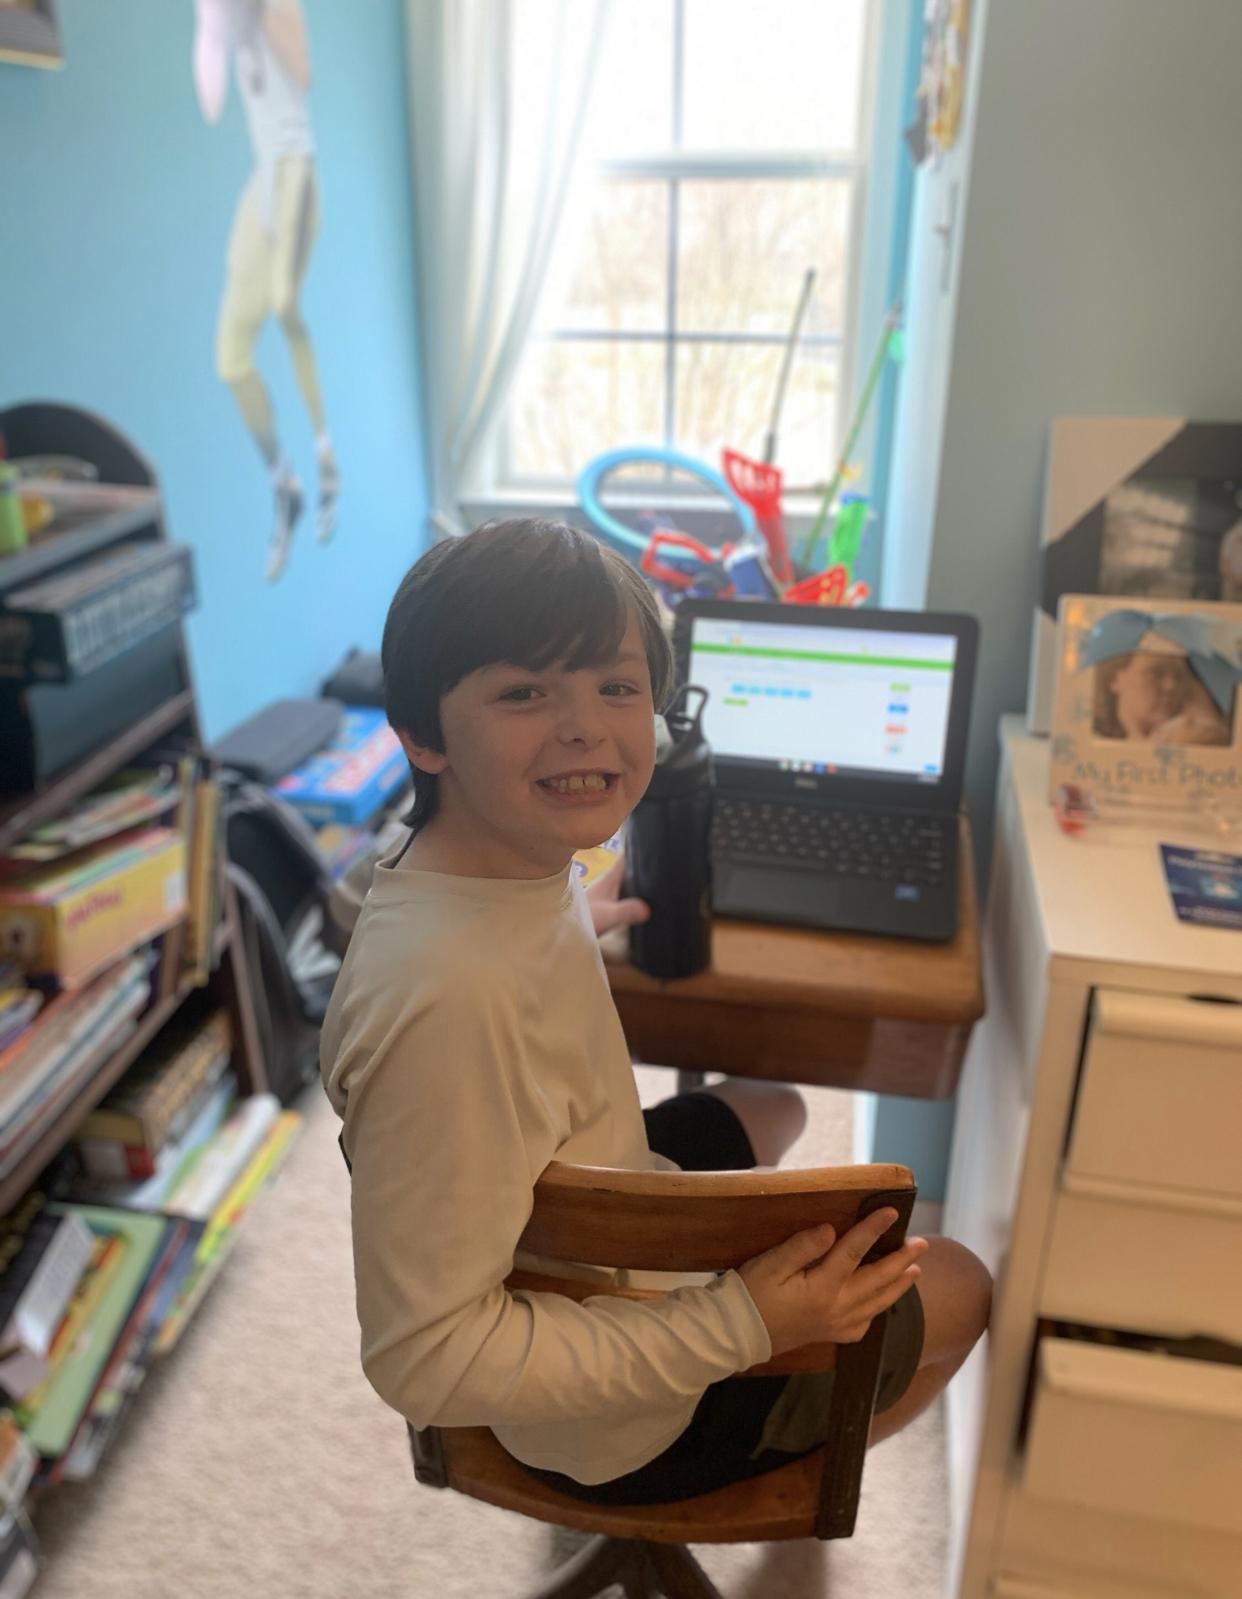 Clay working hard on IXL!